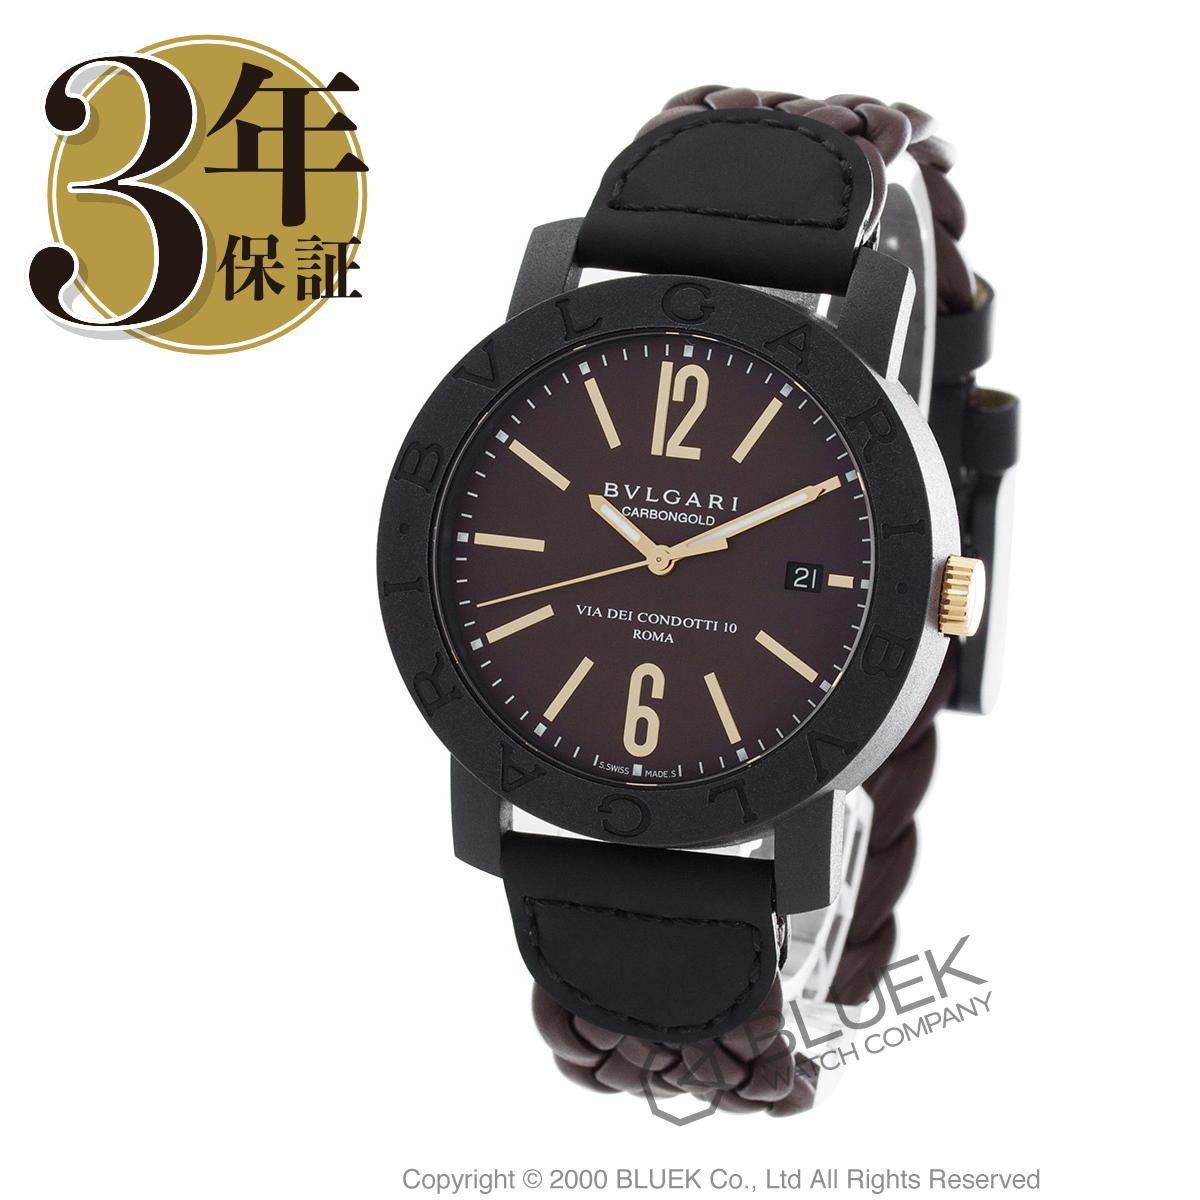 ブルガリ ブルガリブルガリ カーボンゴールド 腕時計 メンズ BVLGARI BBP40C11CGLD_8